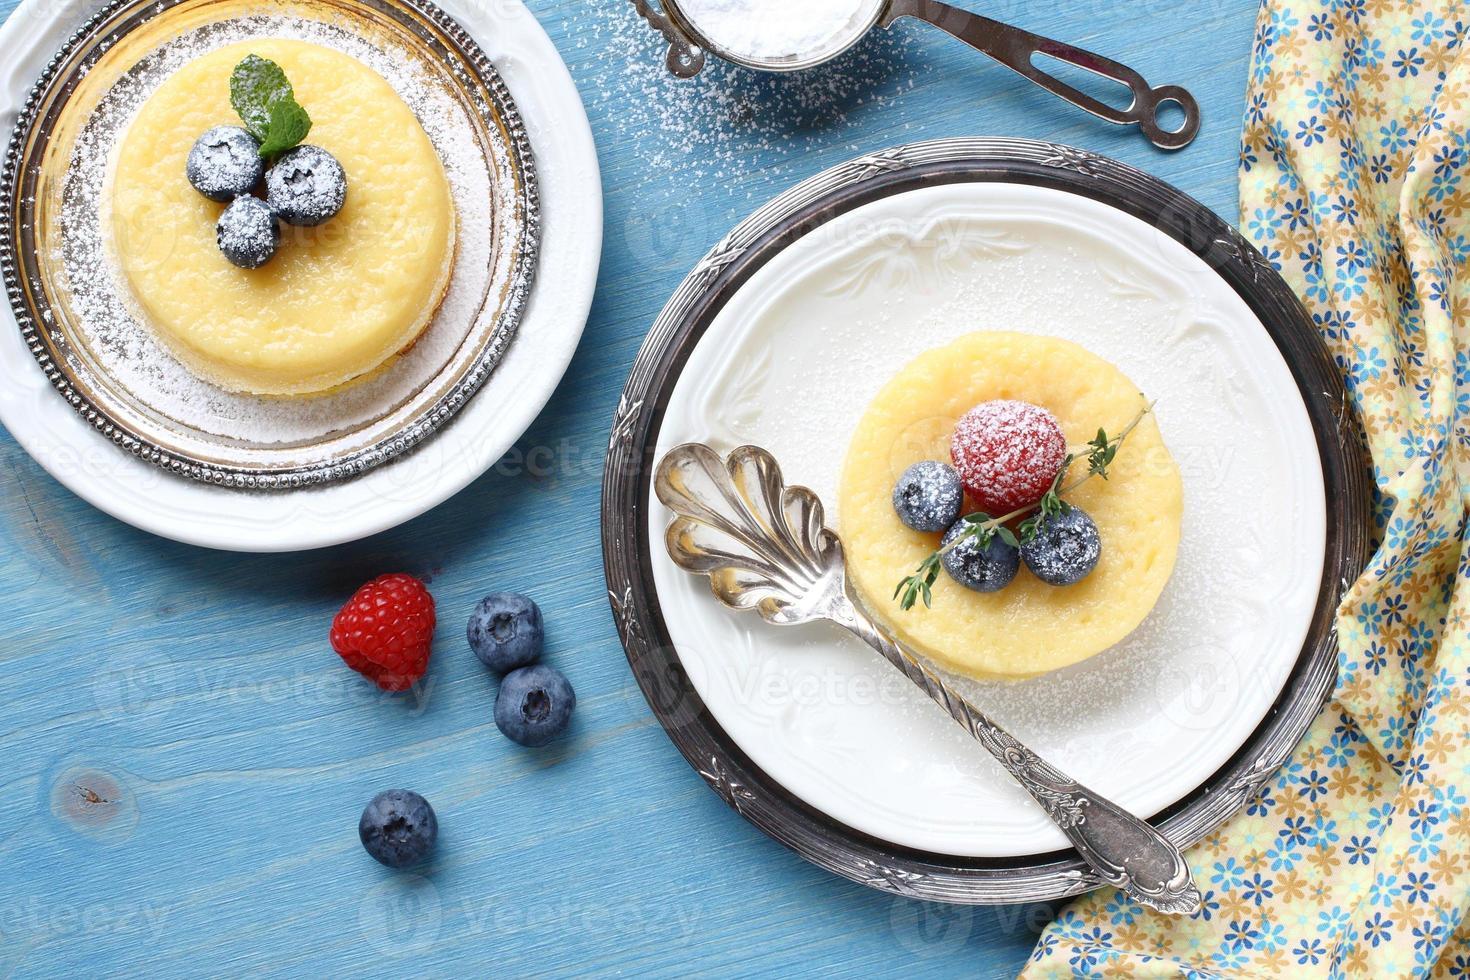 citroenverrassing pudding cake geserveerd met bessen foto